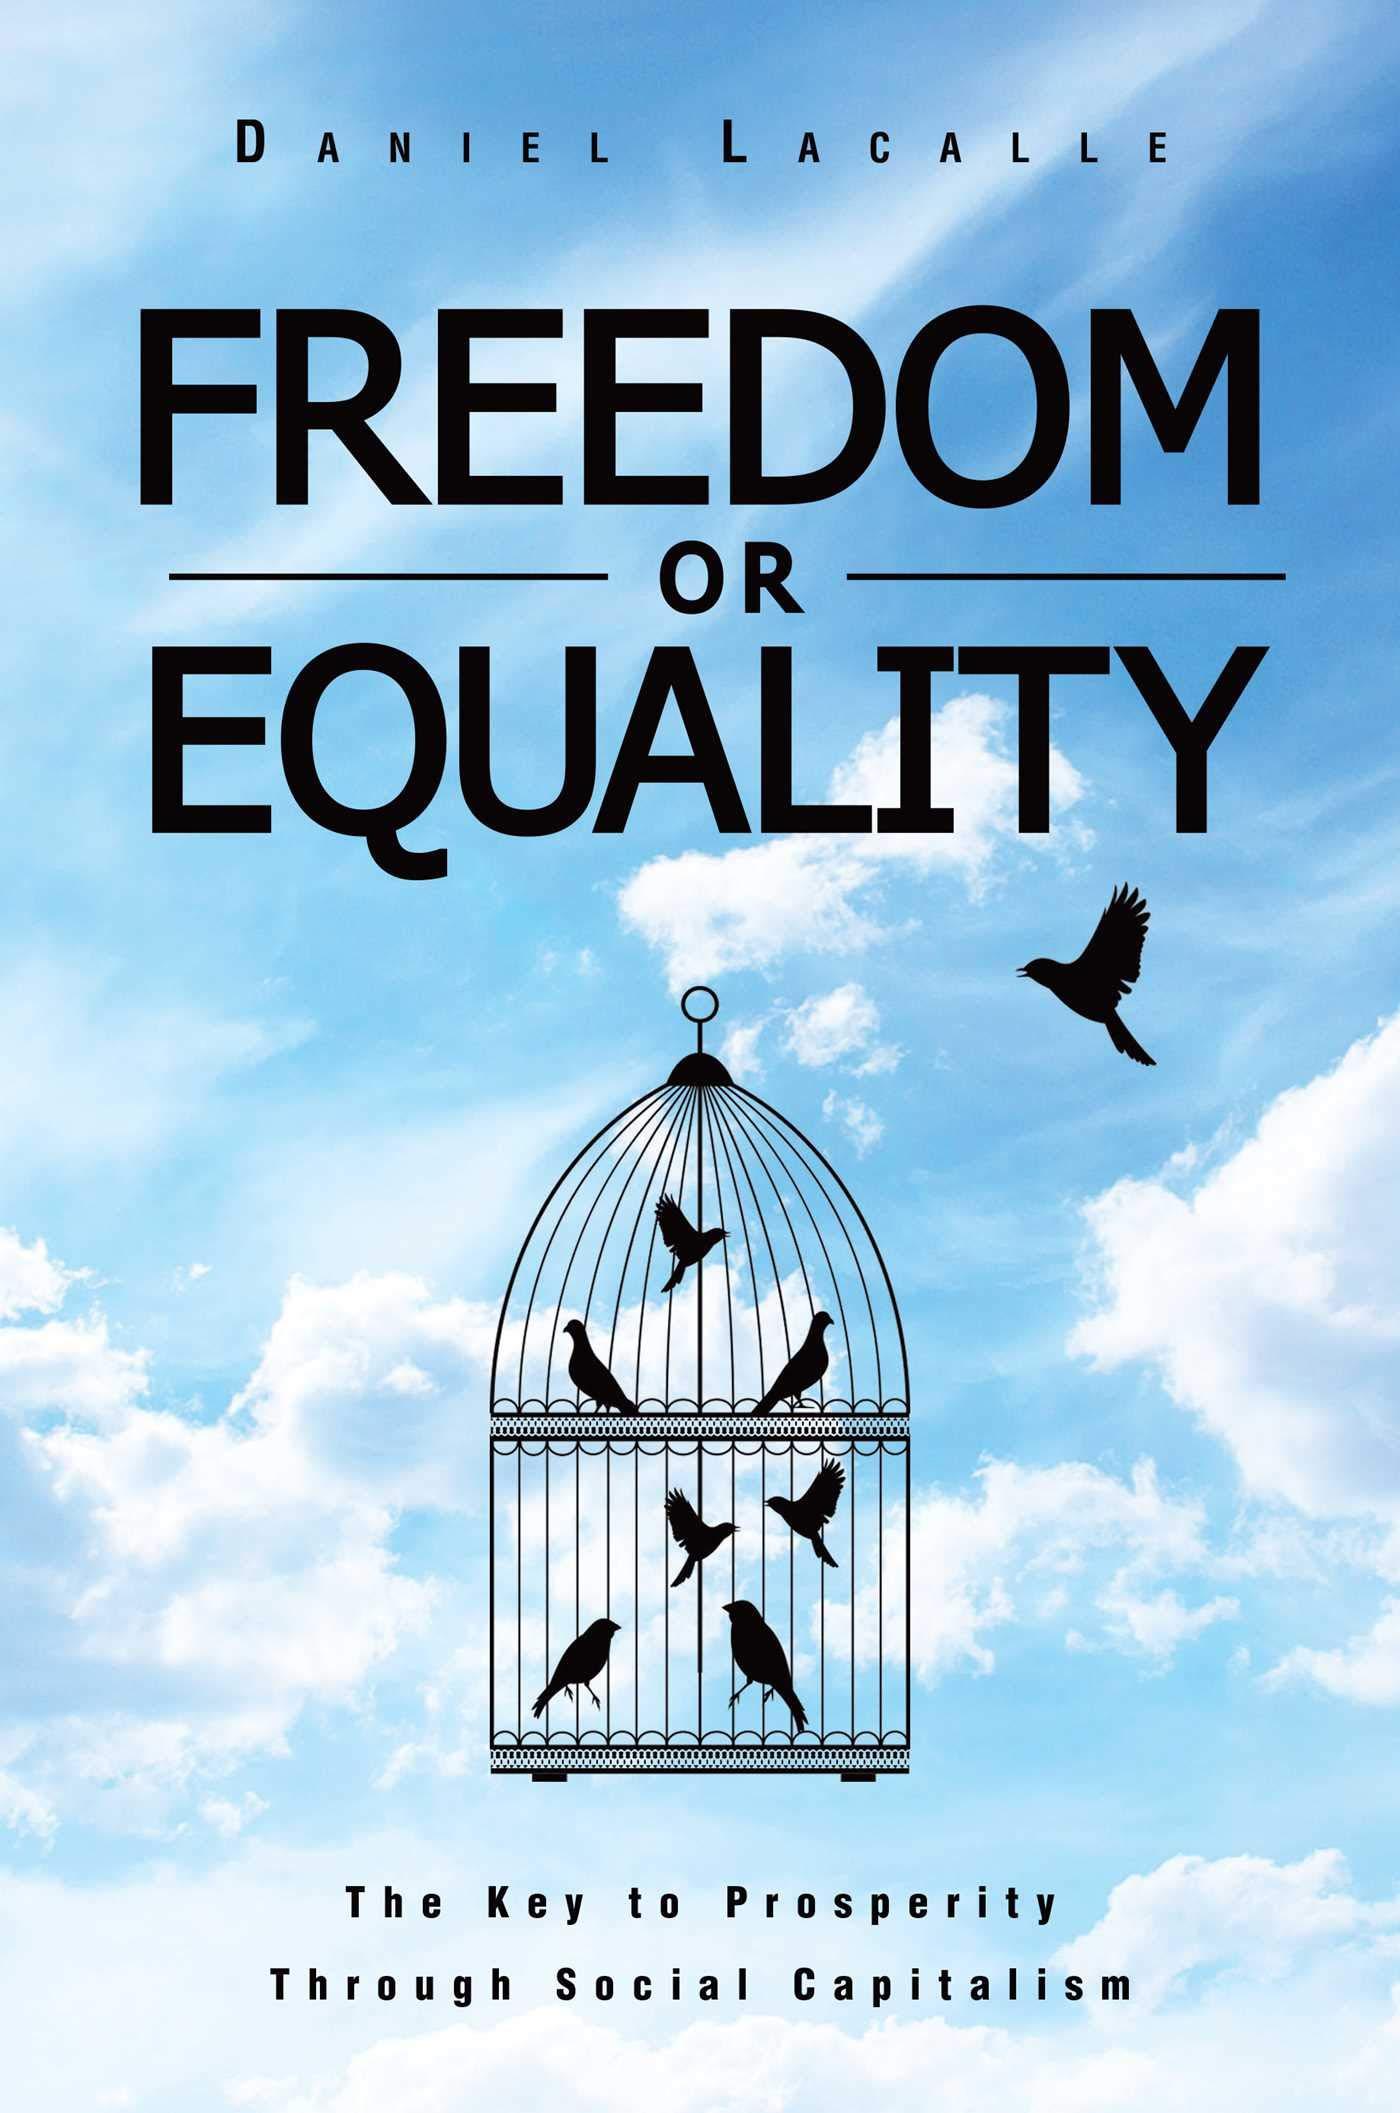 Freedom or Equality: The Key to Prosperity Through Social Capitalism: Amazon.es: Lacalle, Daniel: Libros en idiomas extranjeros